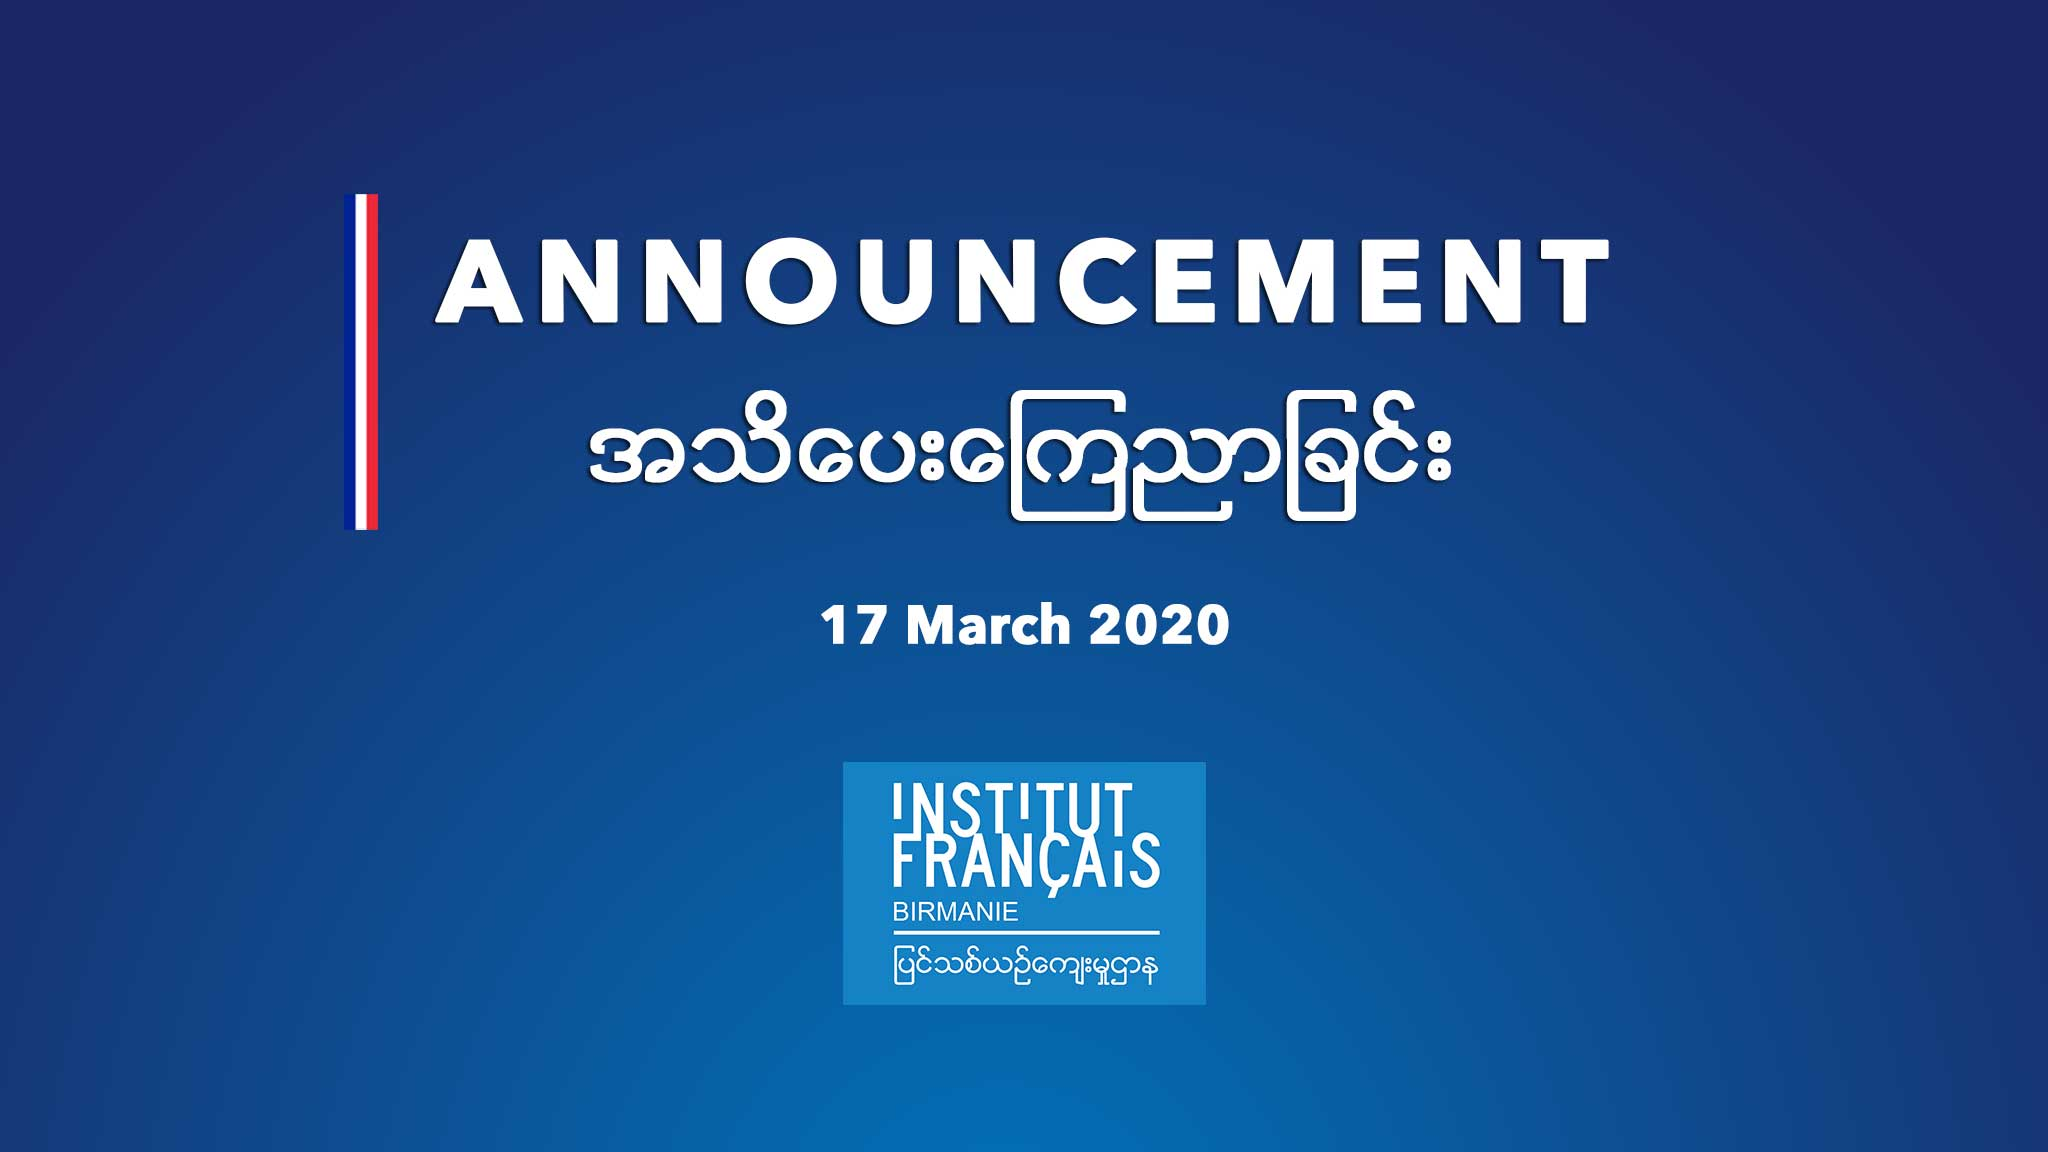 Suspension des activités de l'Institut français de Birmanie jusqu'au lundi 4 mai 2020